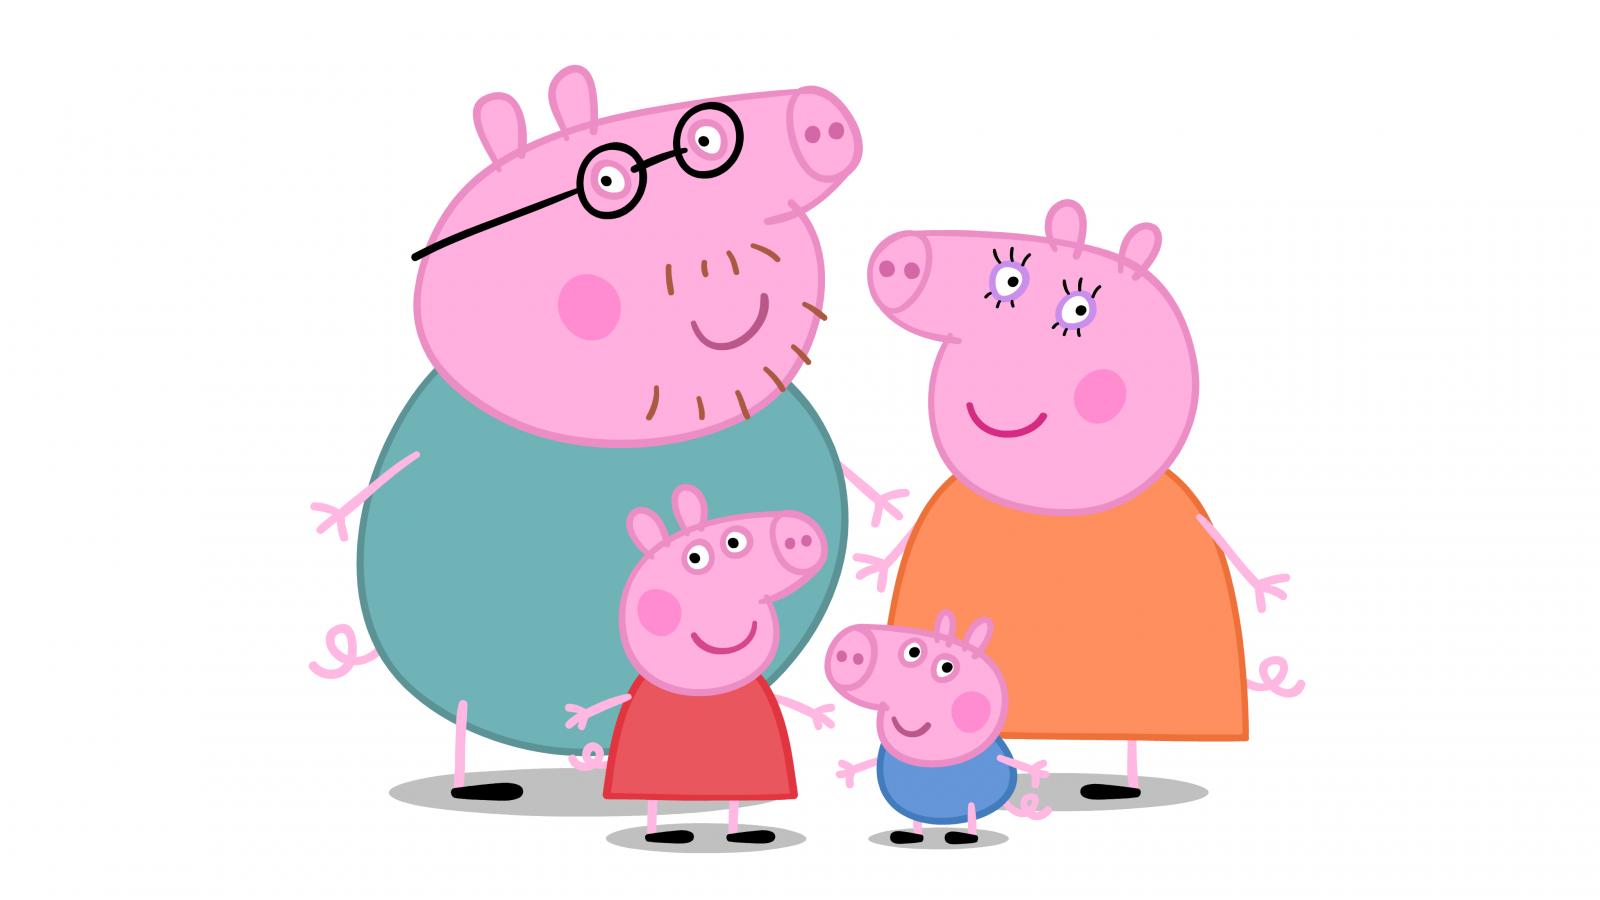 Disney HD Wallpapers: Peppa Pig HD Wallpapers